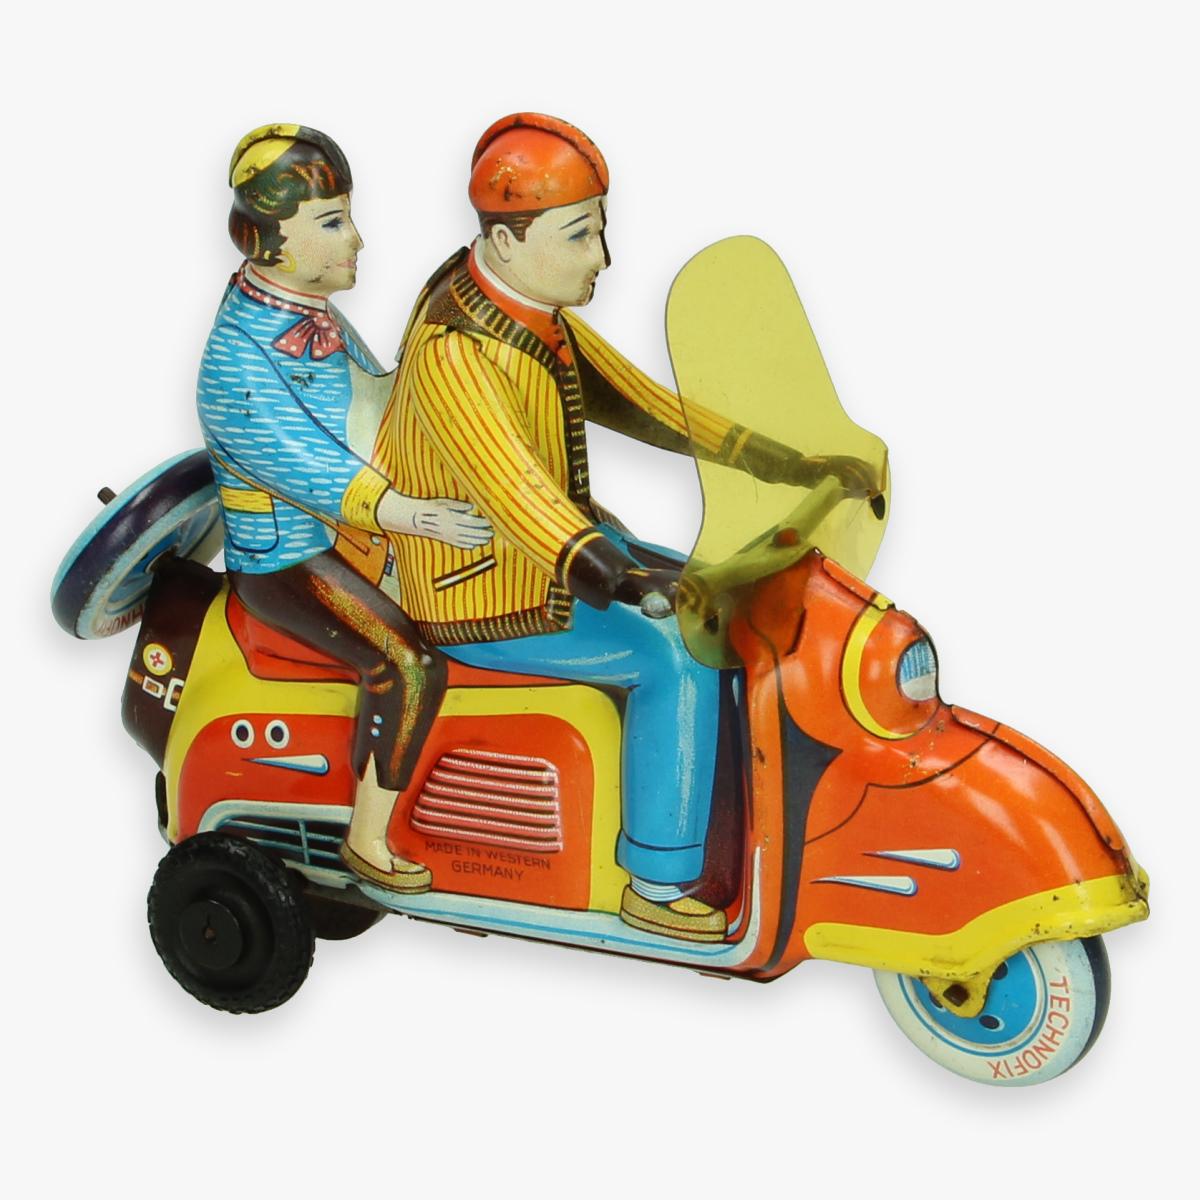 Afbeeldingen van technofix scooter 282 jaren 50 made in western germany zeldzame oranje versie